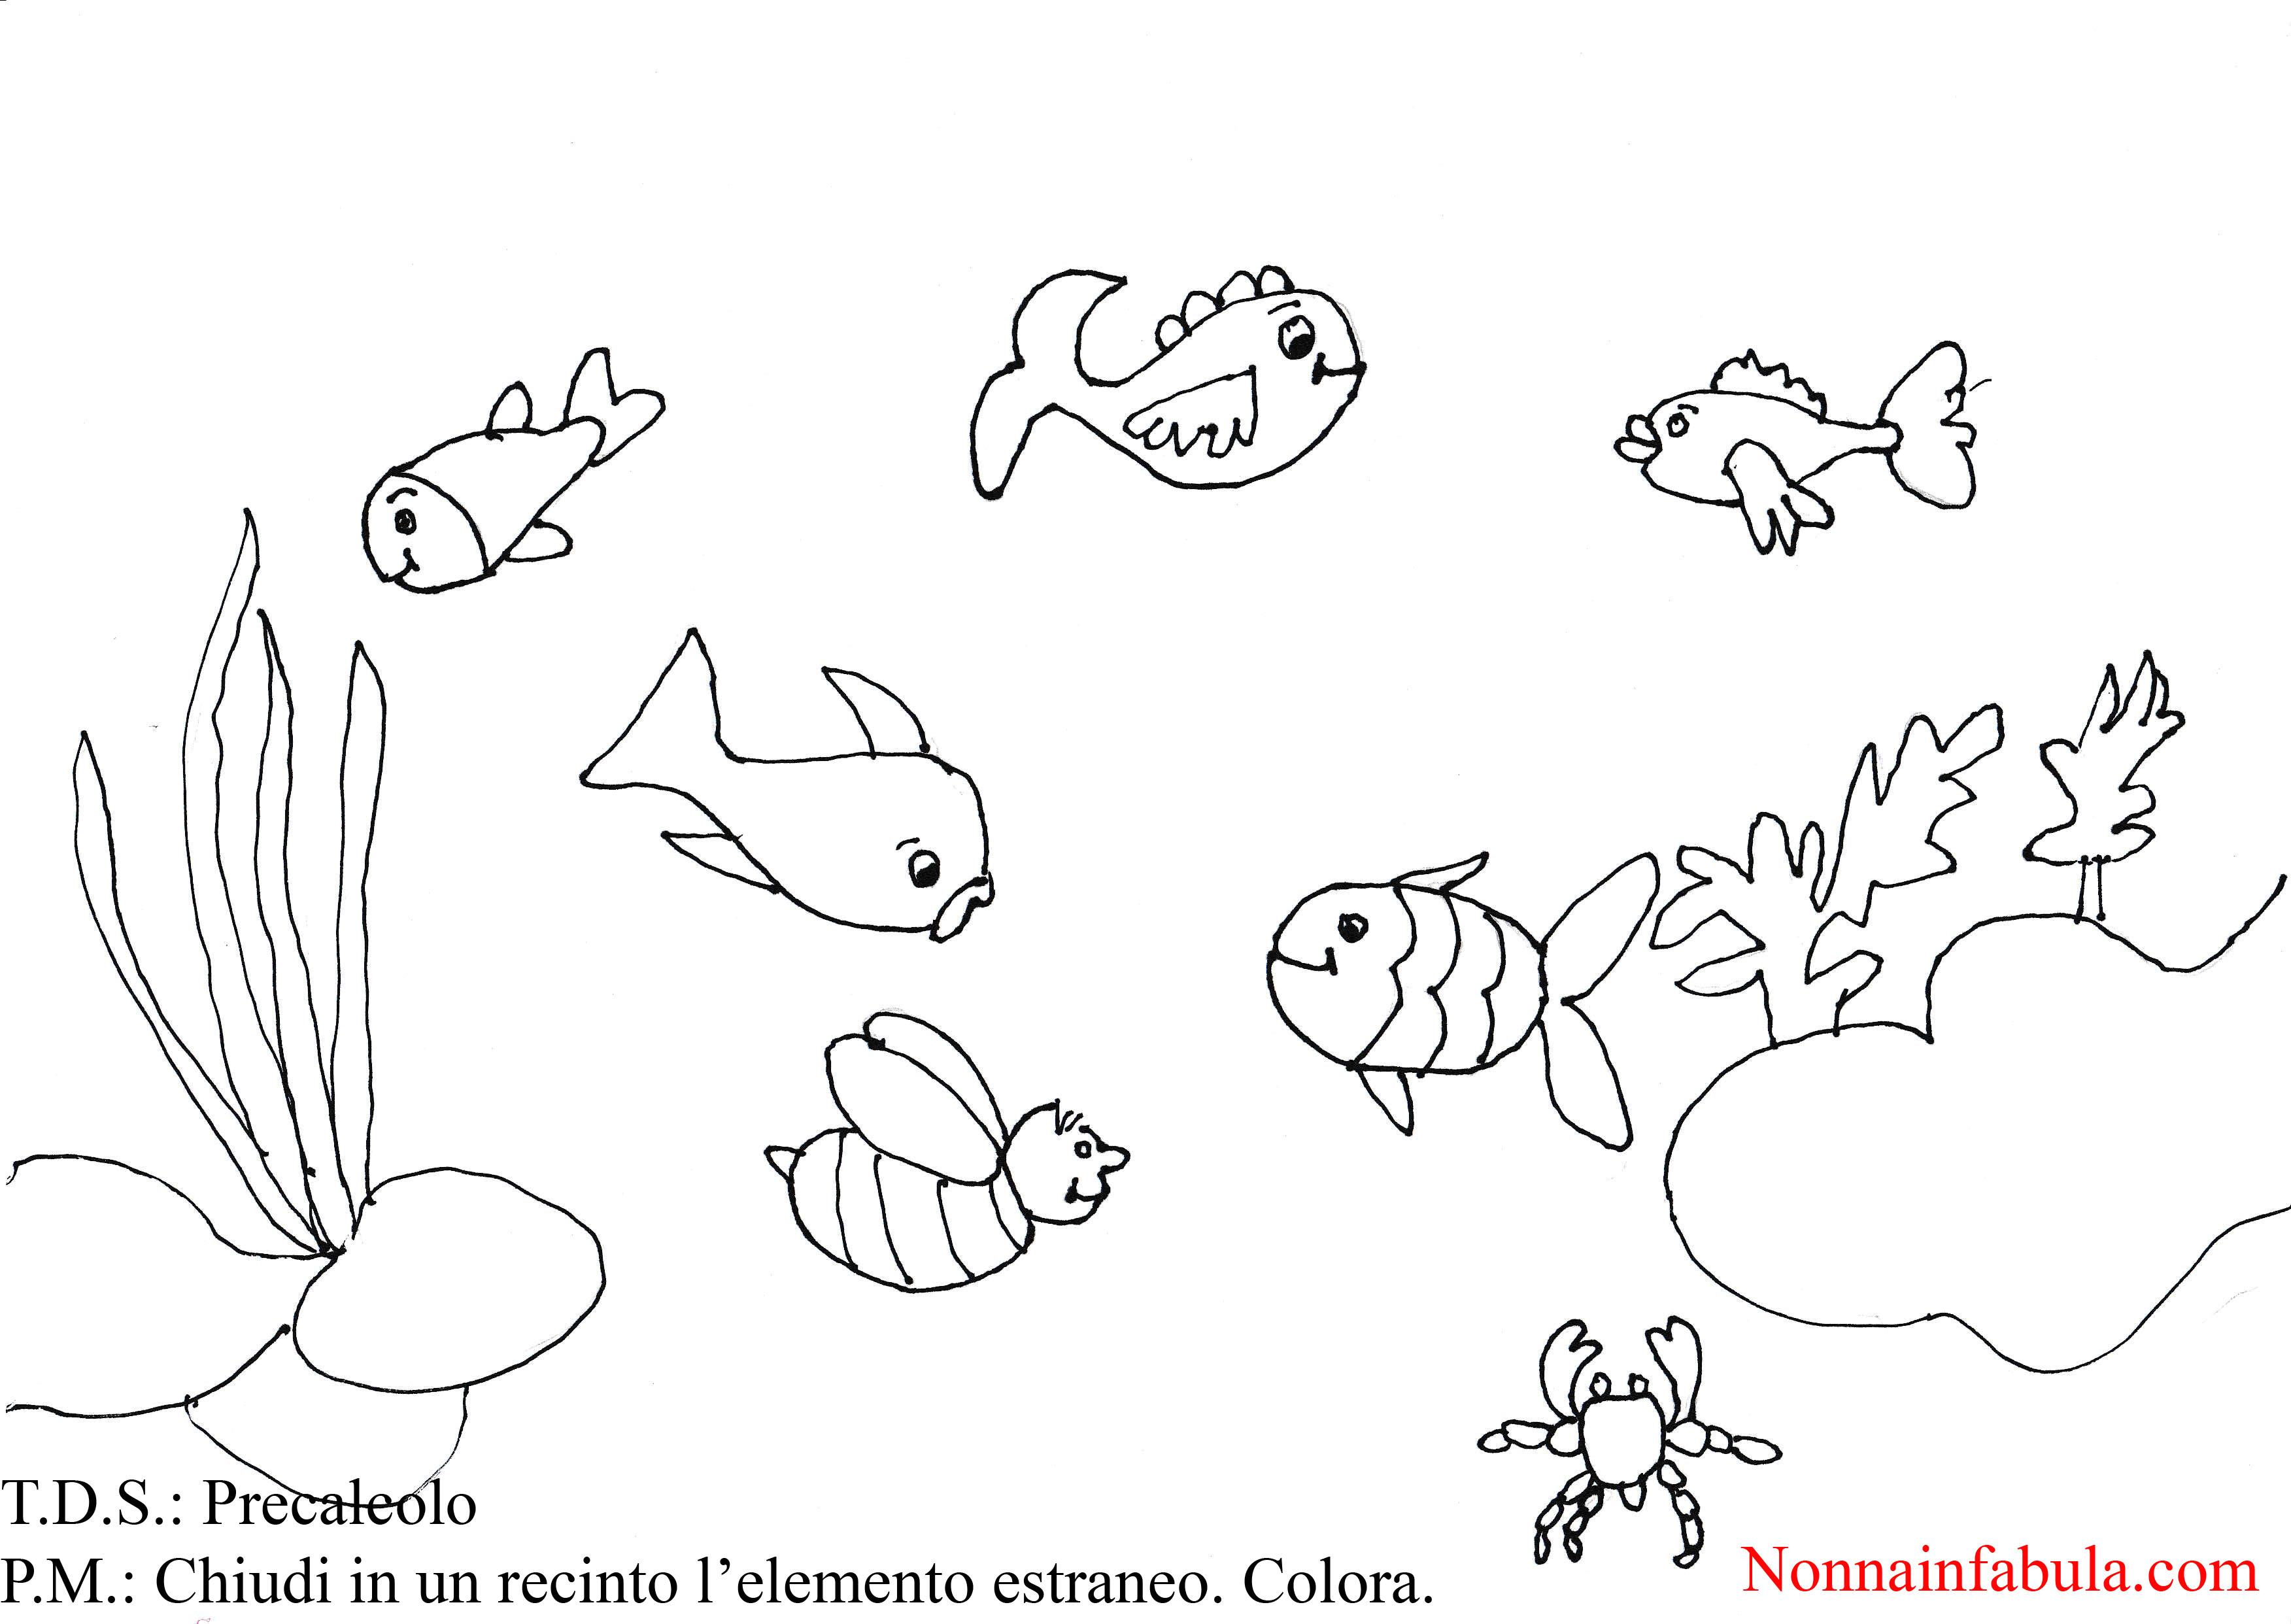 Progetto il fondale marino nonna in fabula for Disegni pesciolino arcobaleno